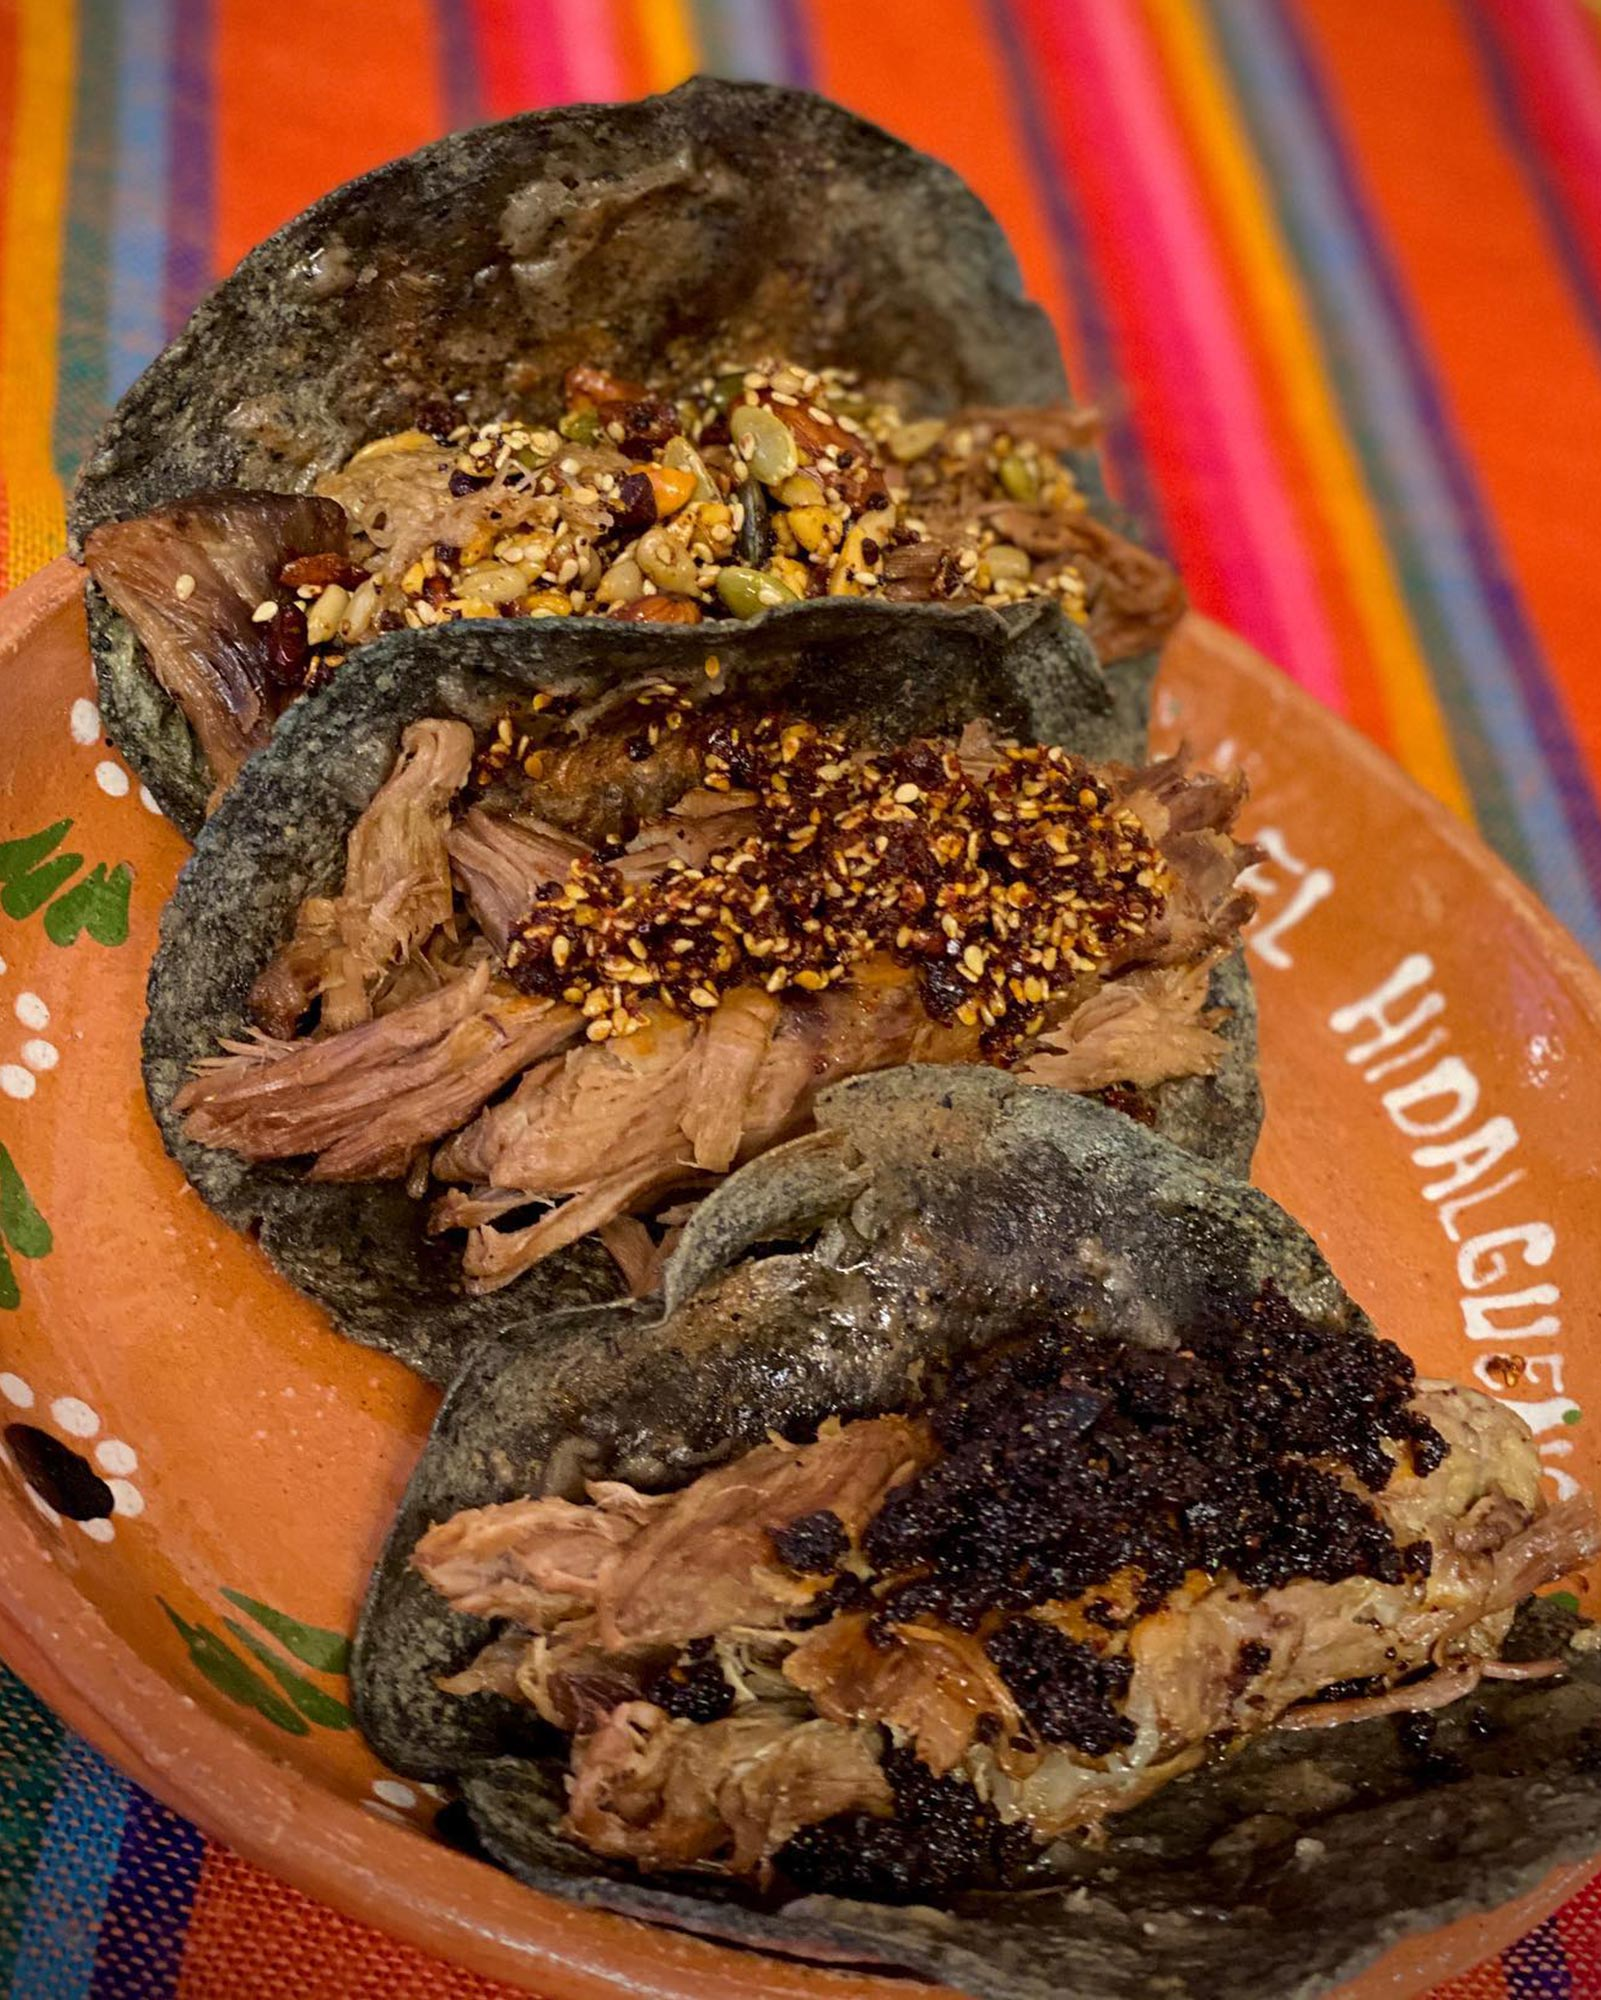 Barbacoa Tacos at El Hidalguense in Mexico City